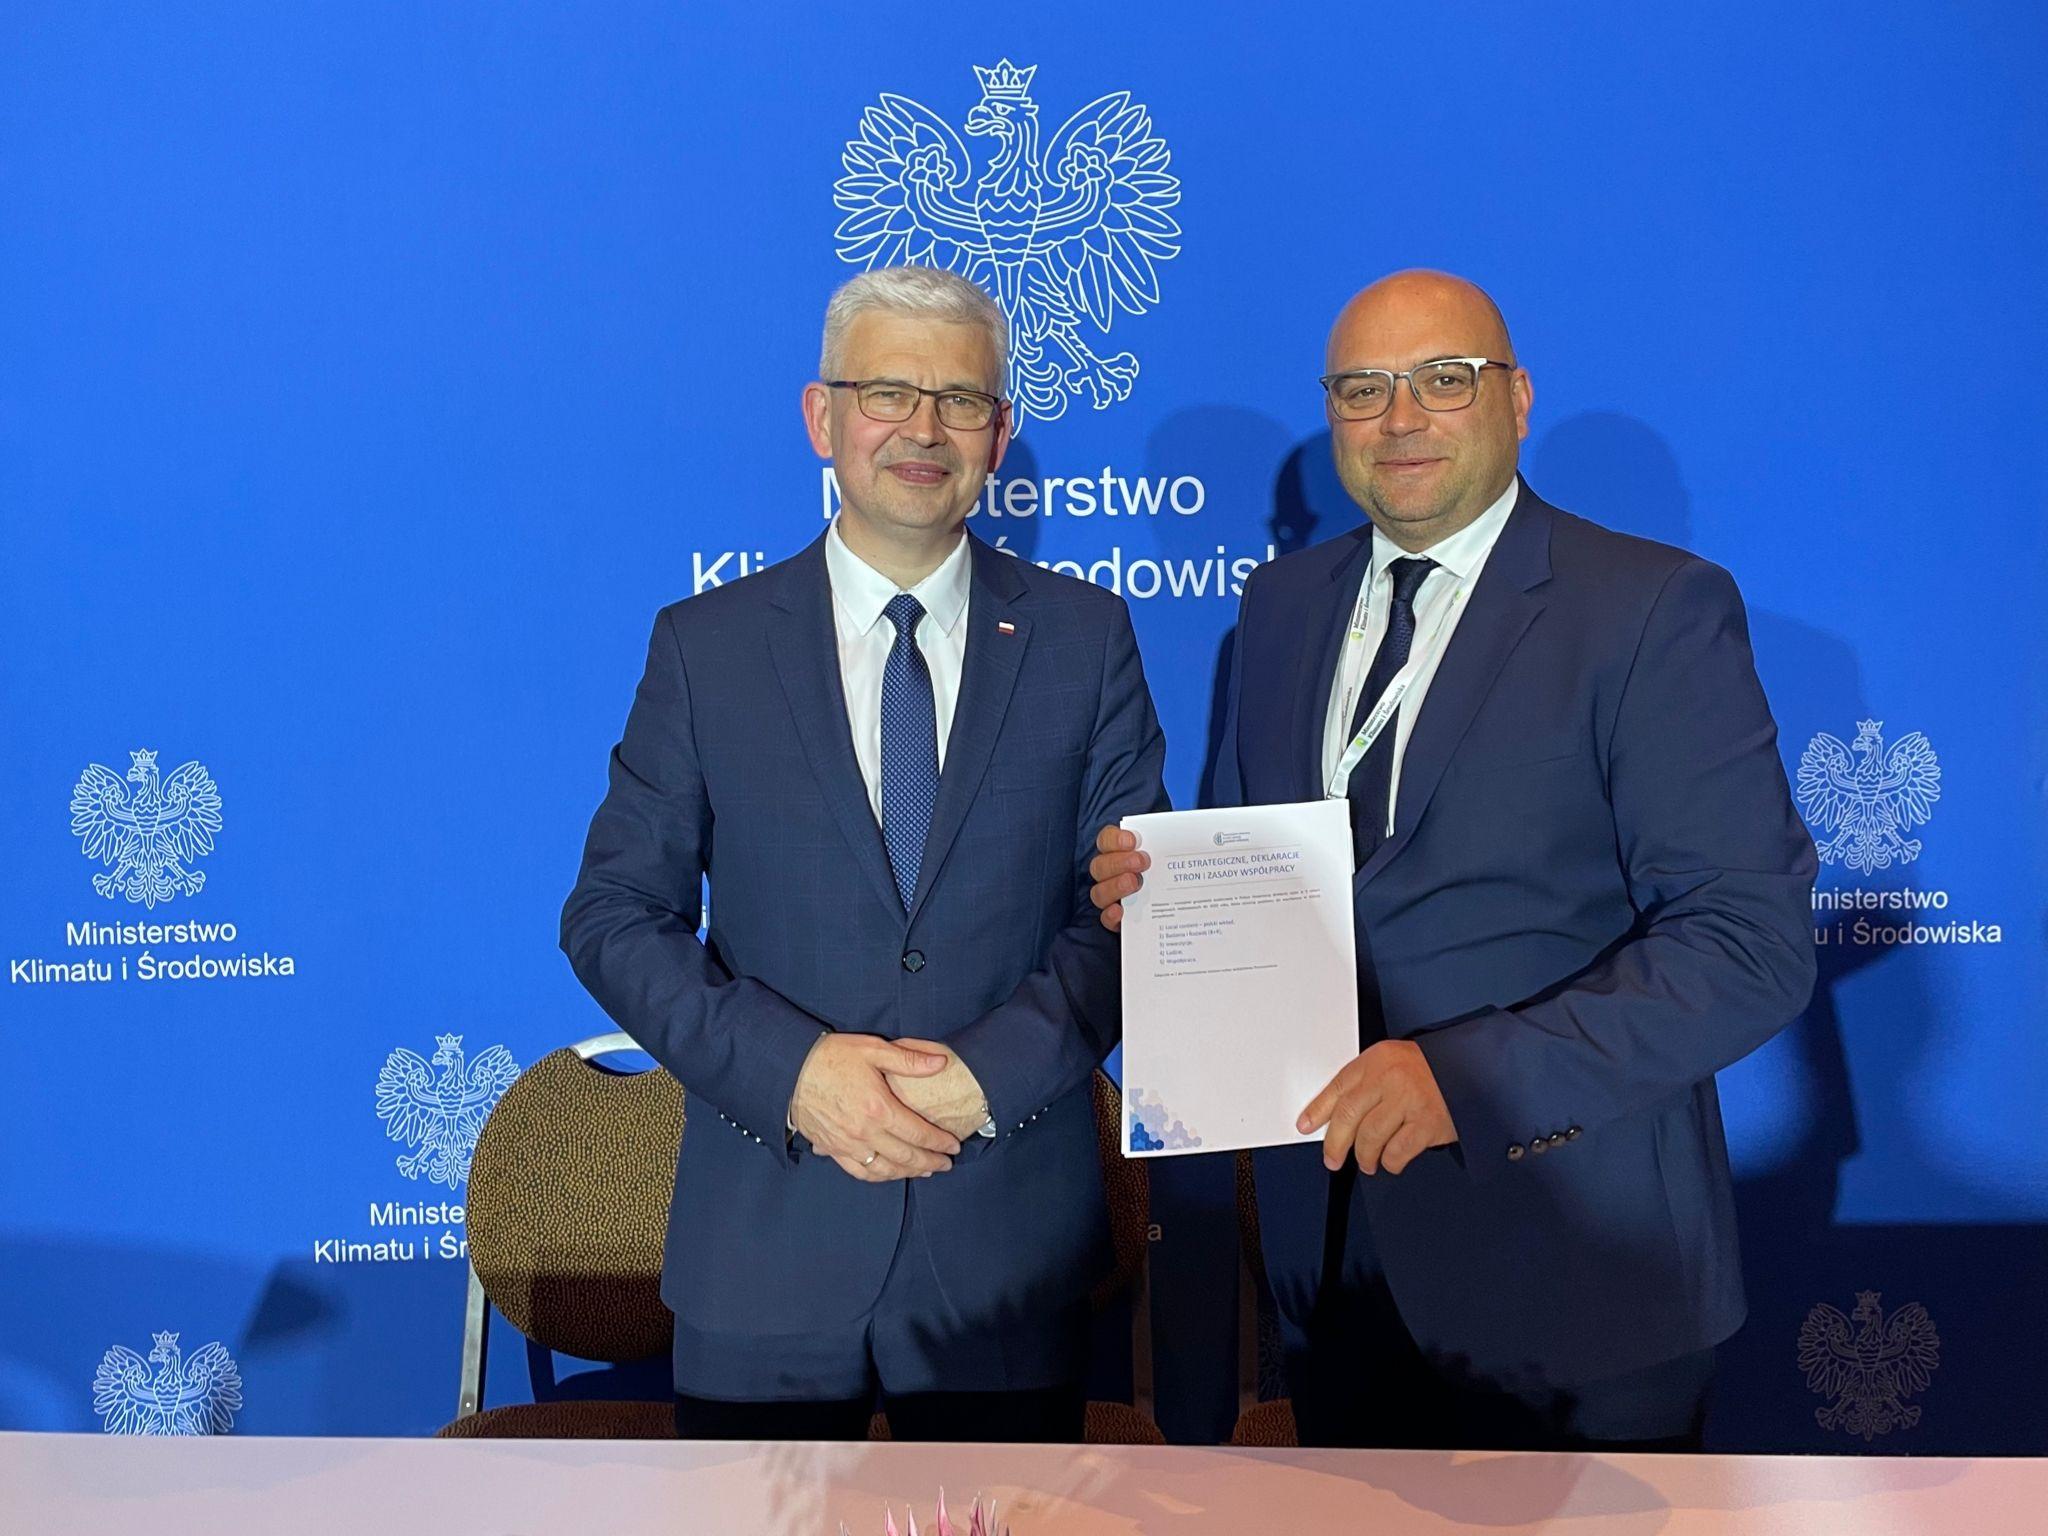 Pierwsze w Europie porozumienie sektorowe na rzecz gospodarki wodorowej z udziałem klastrów energii!